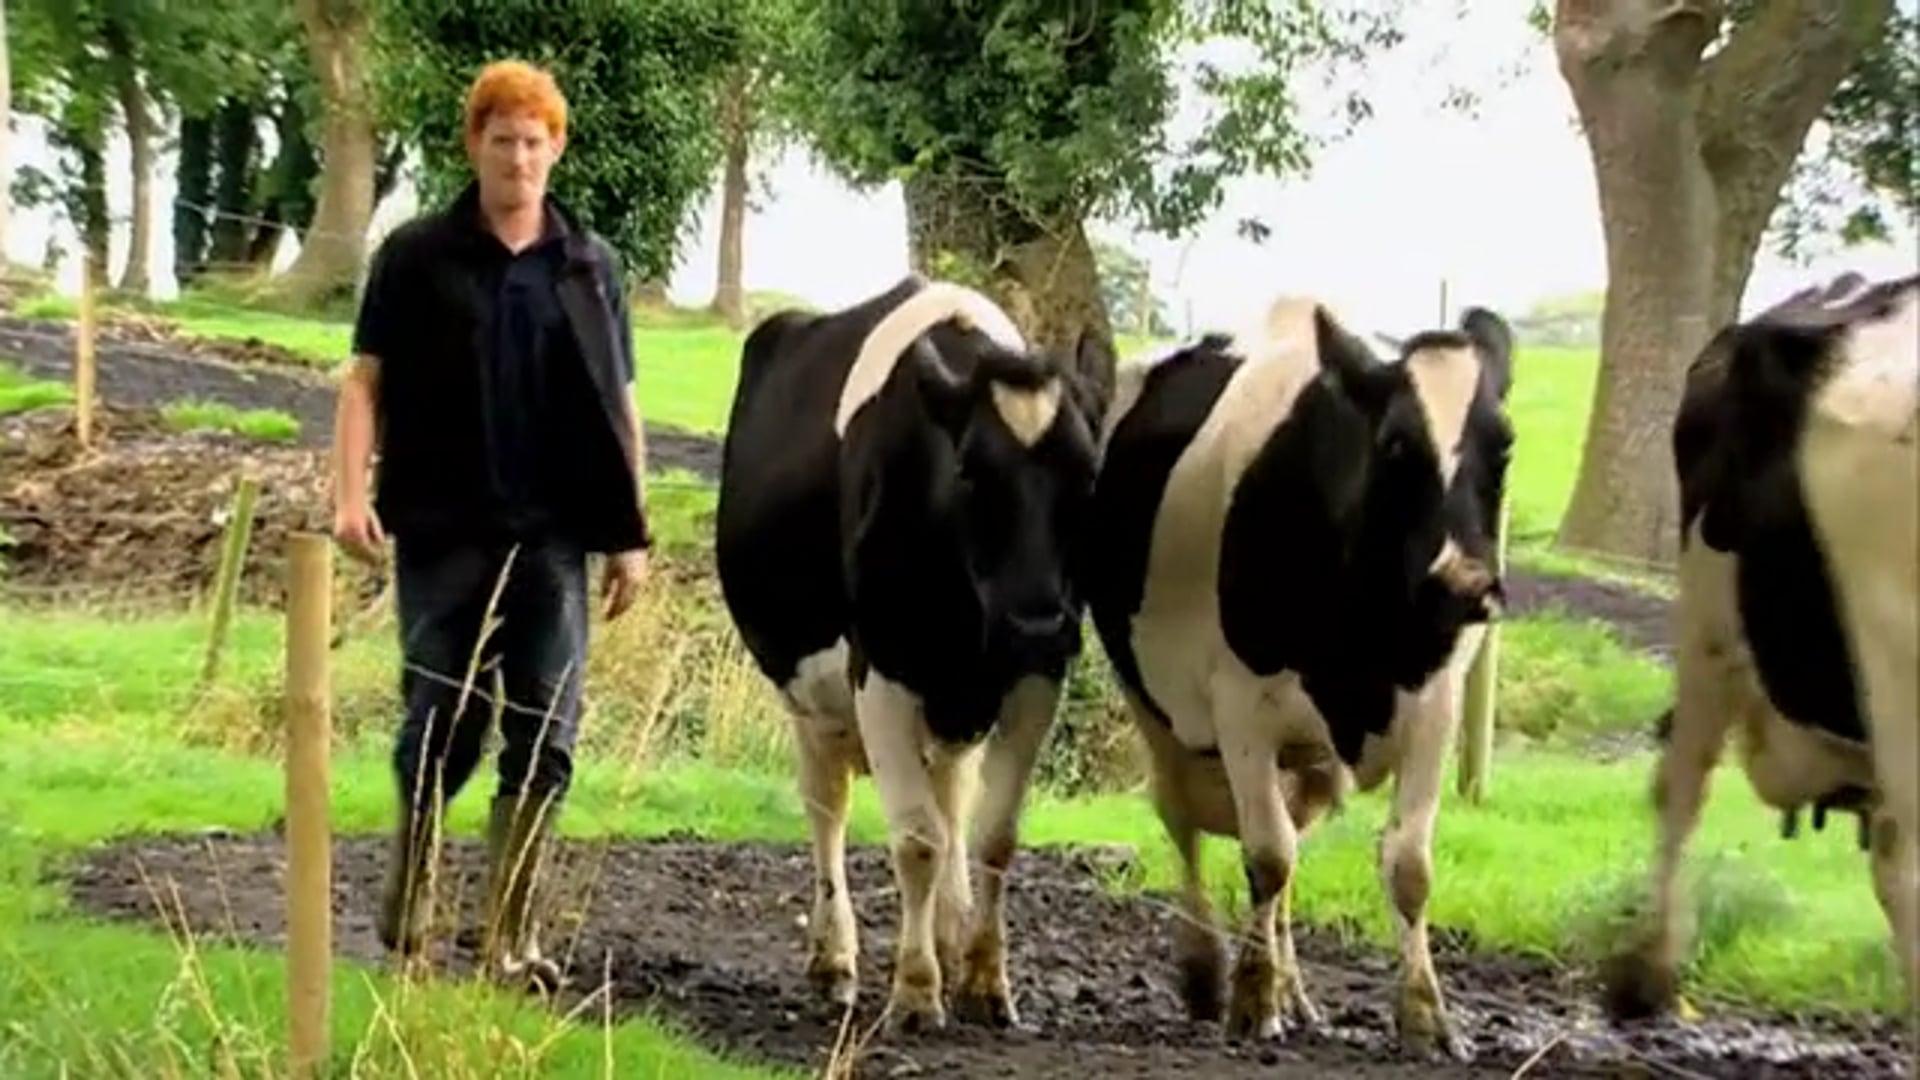 Feirm Factor Series 1 The Farmers